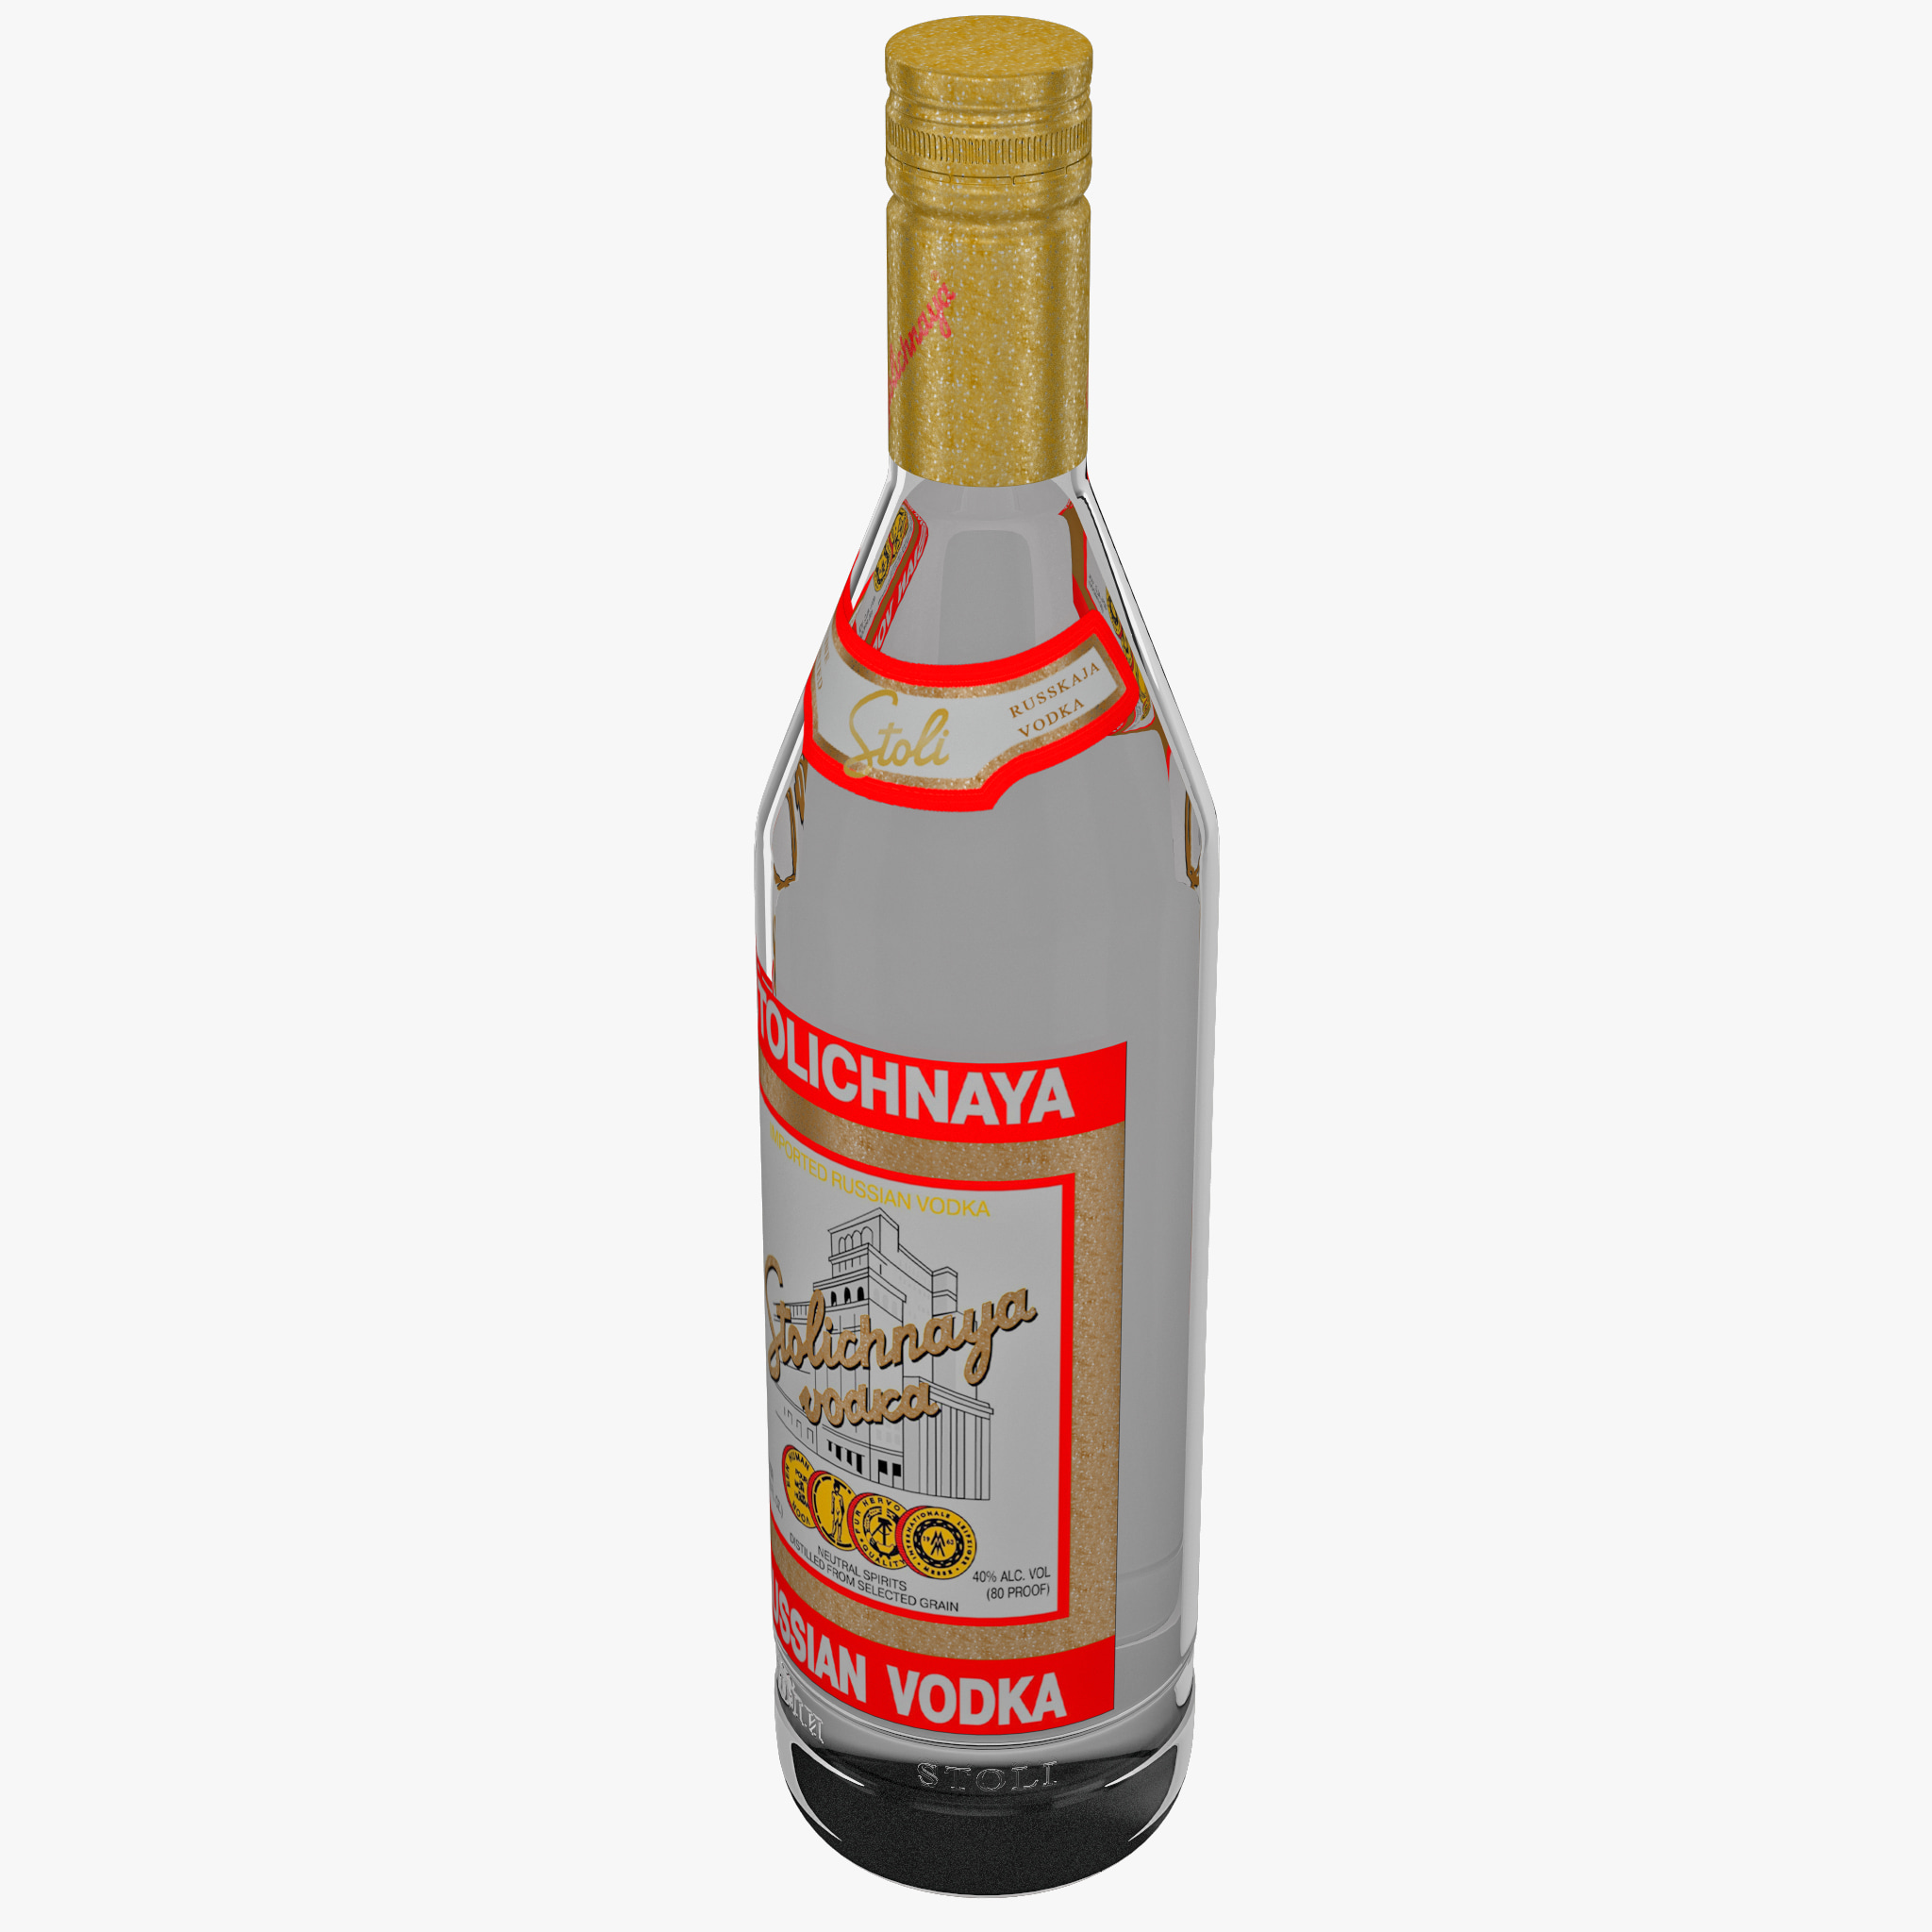 stolichnaya vodka bottle 3d max